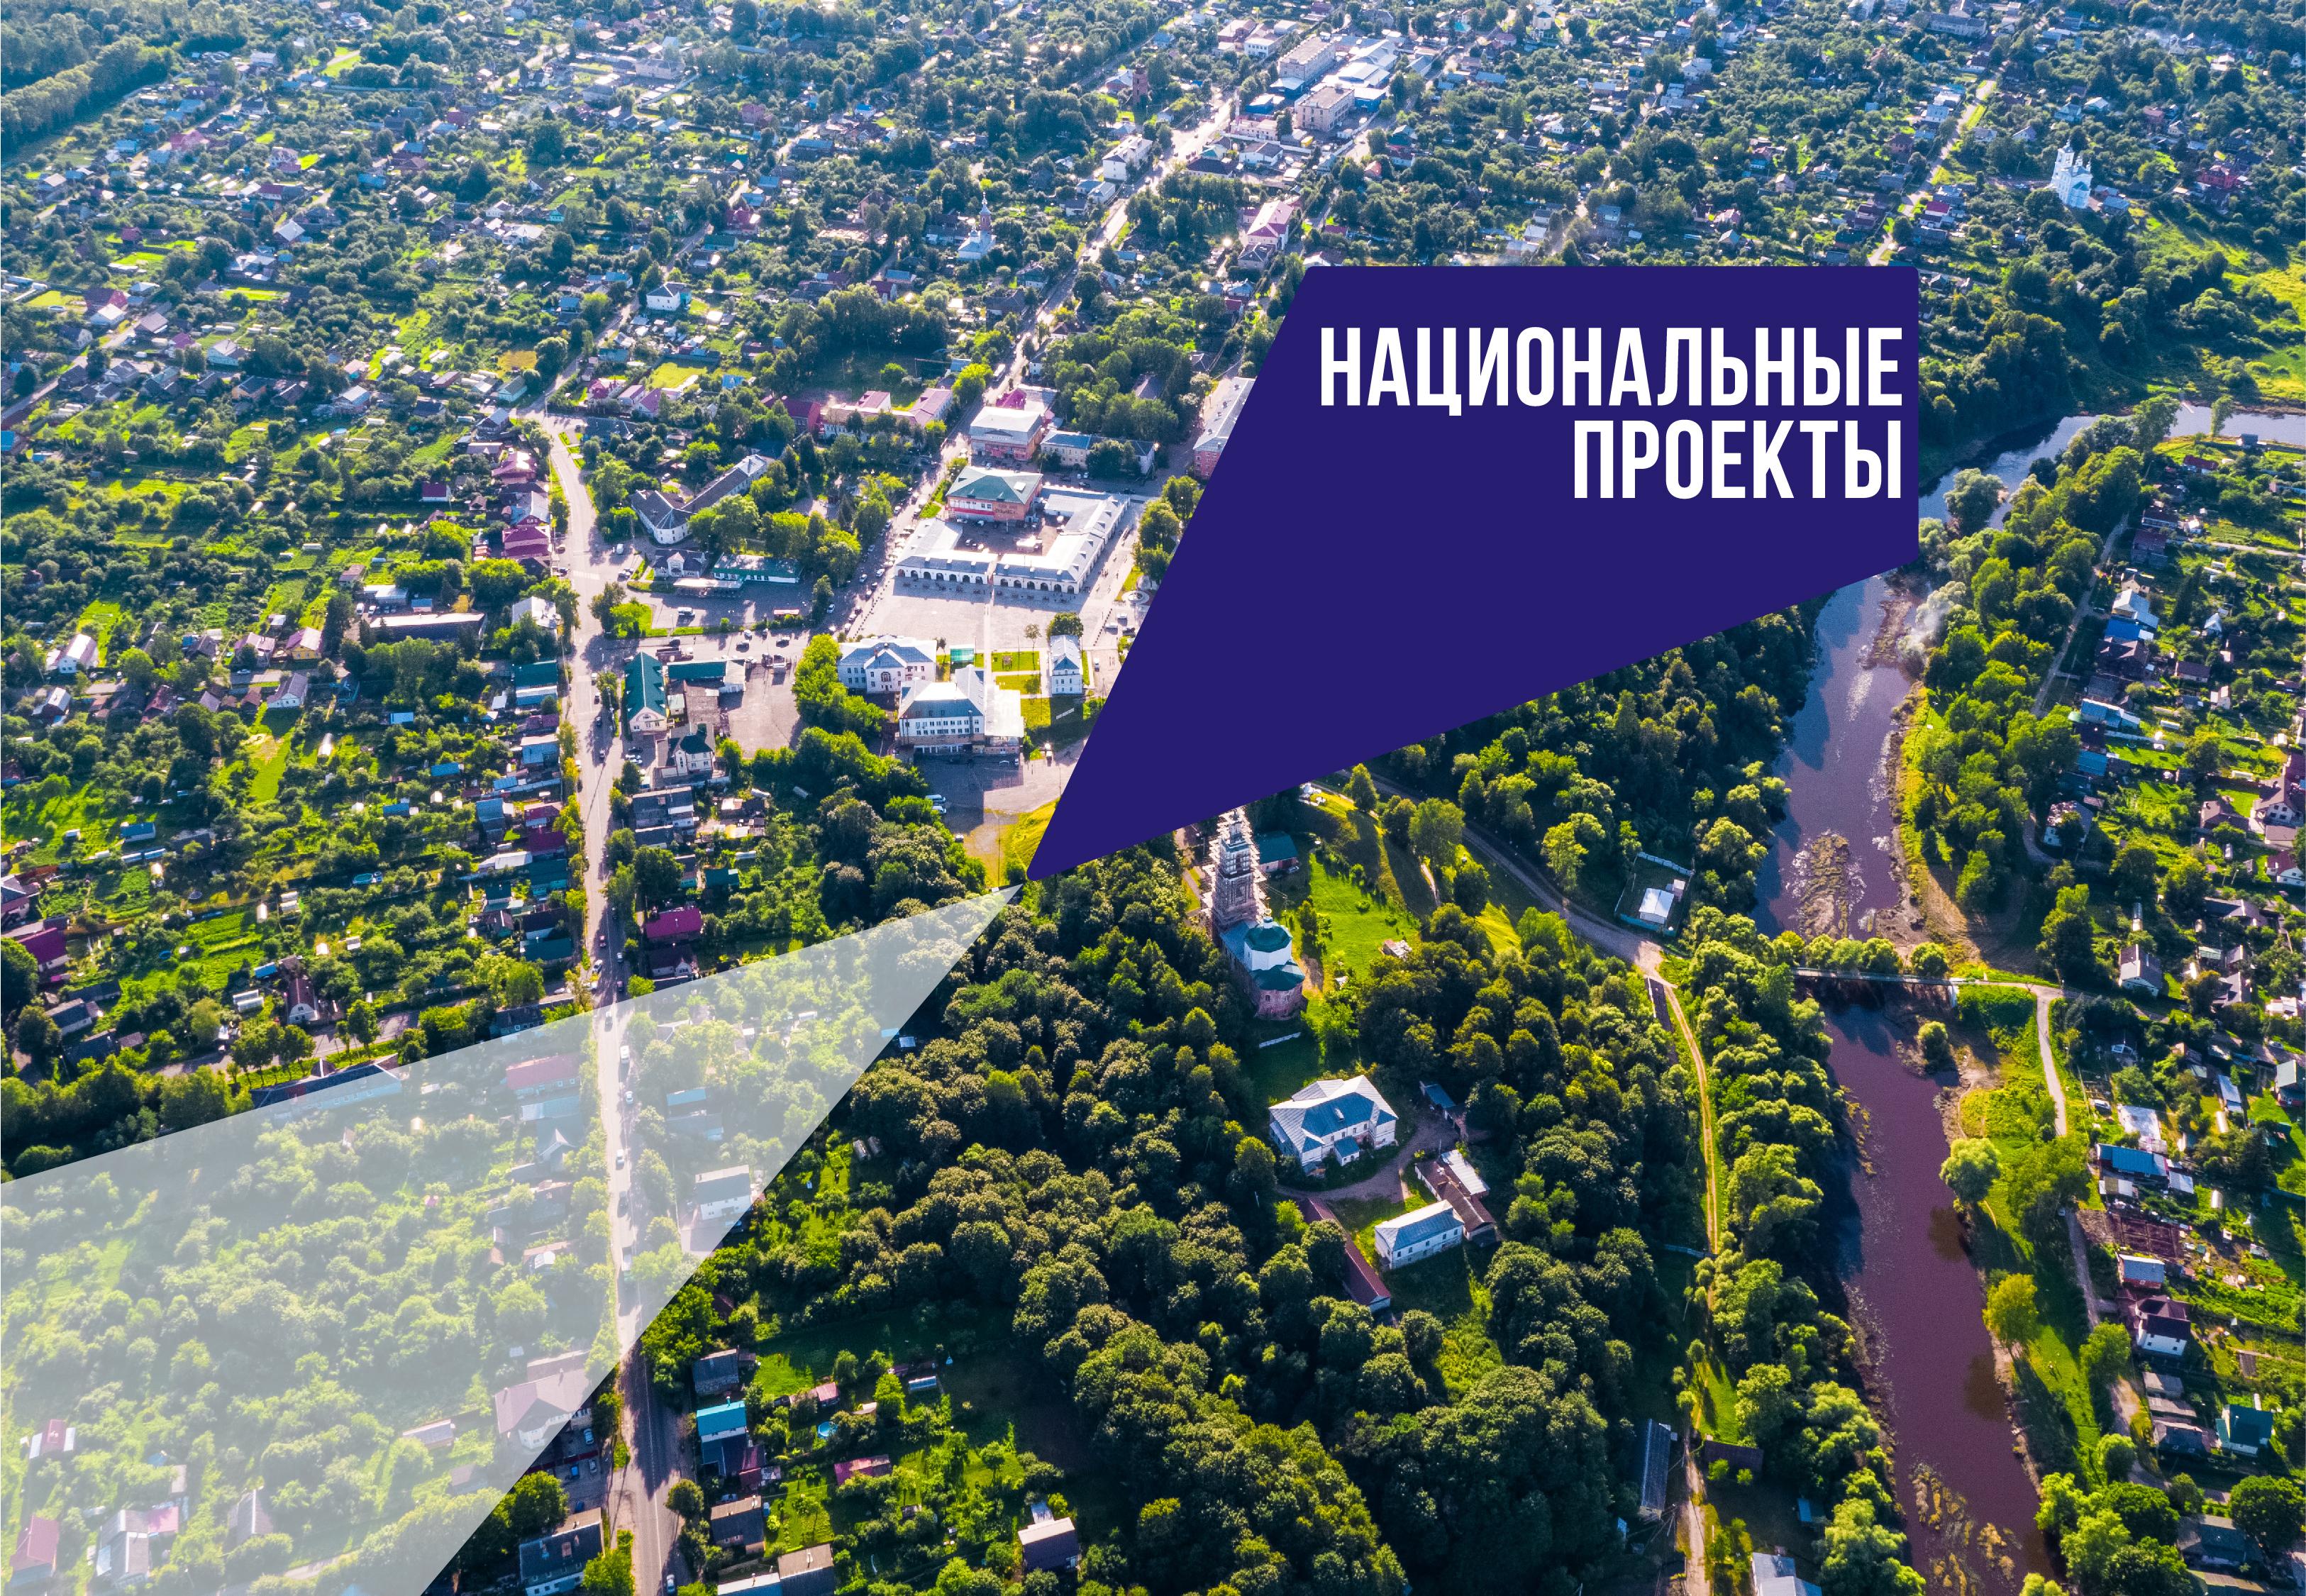 Национальные проекты в Подмосковье: итоги реализации за 2019-2020 годы